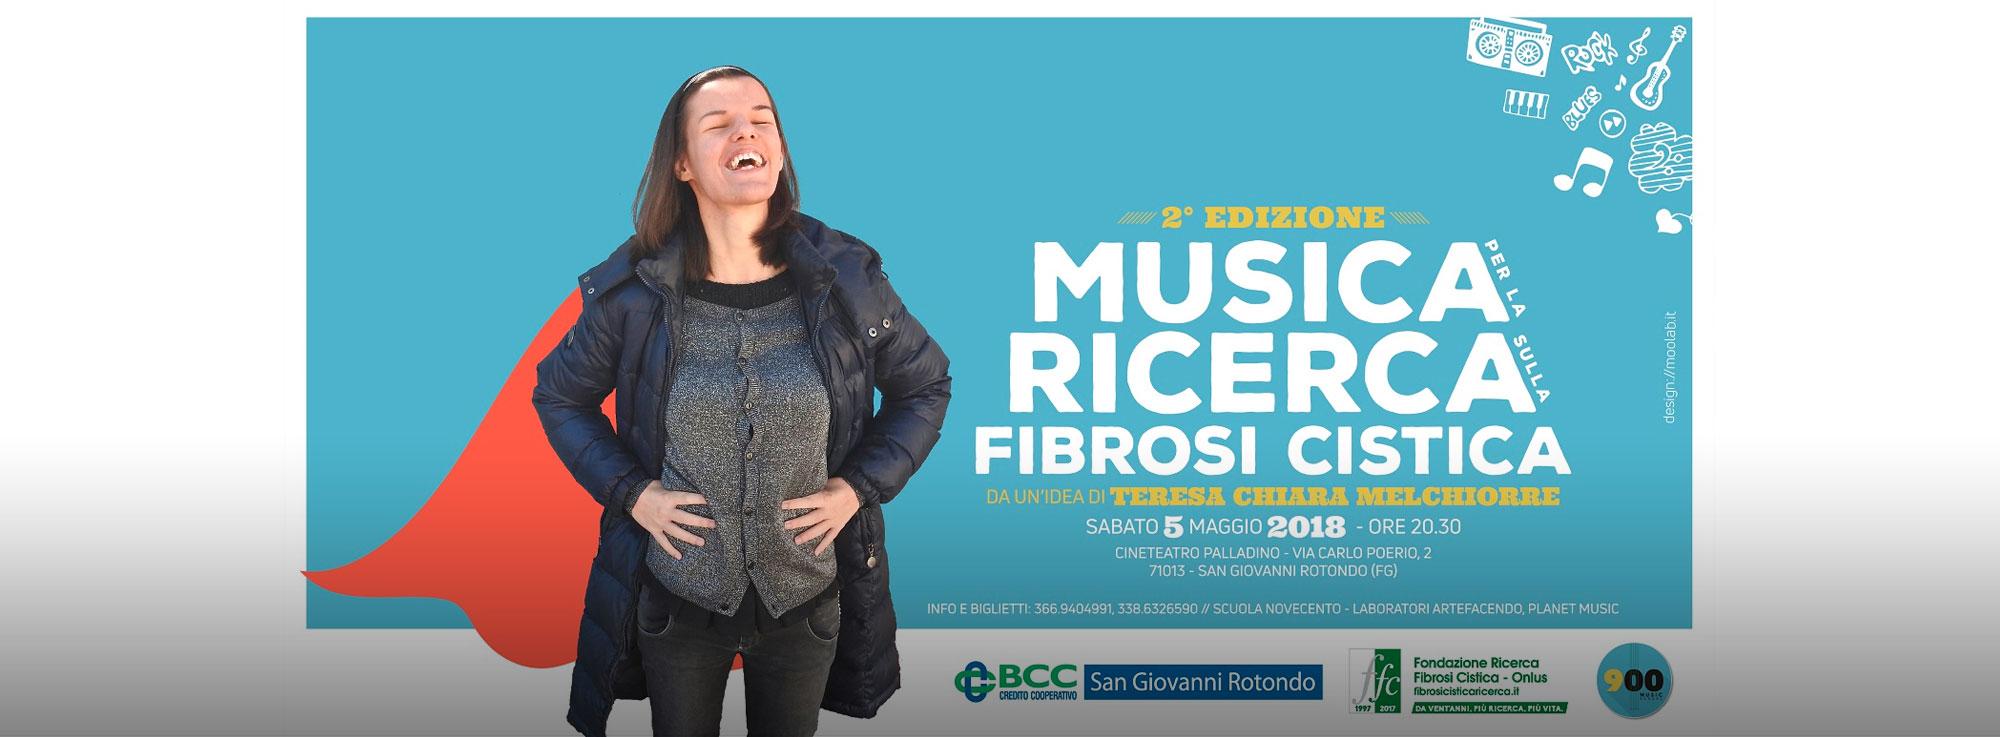 San Giovanni Rotondo: Musica per la ricerca sulla fibrosi cistica